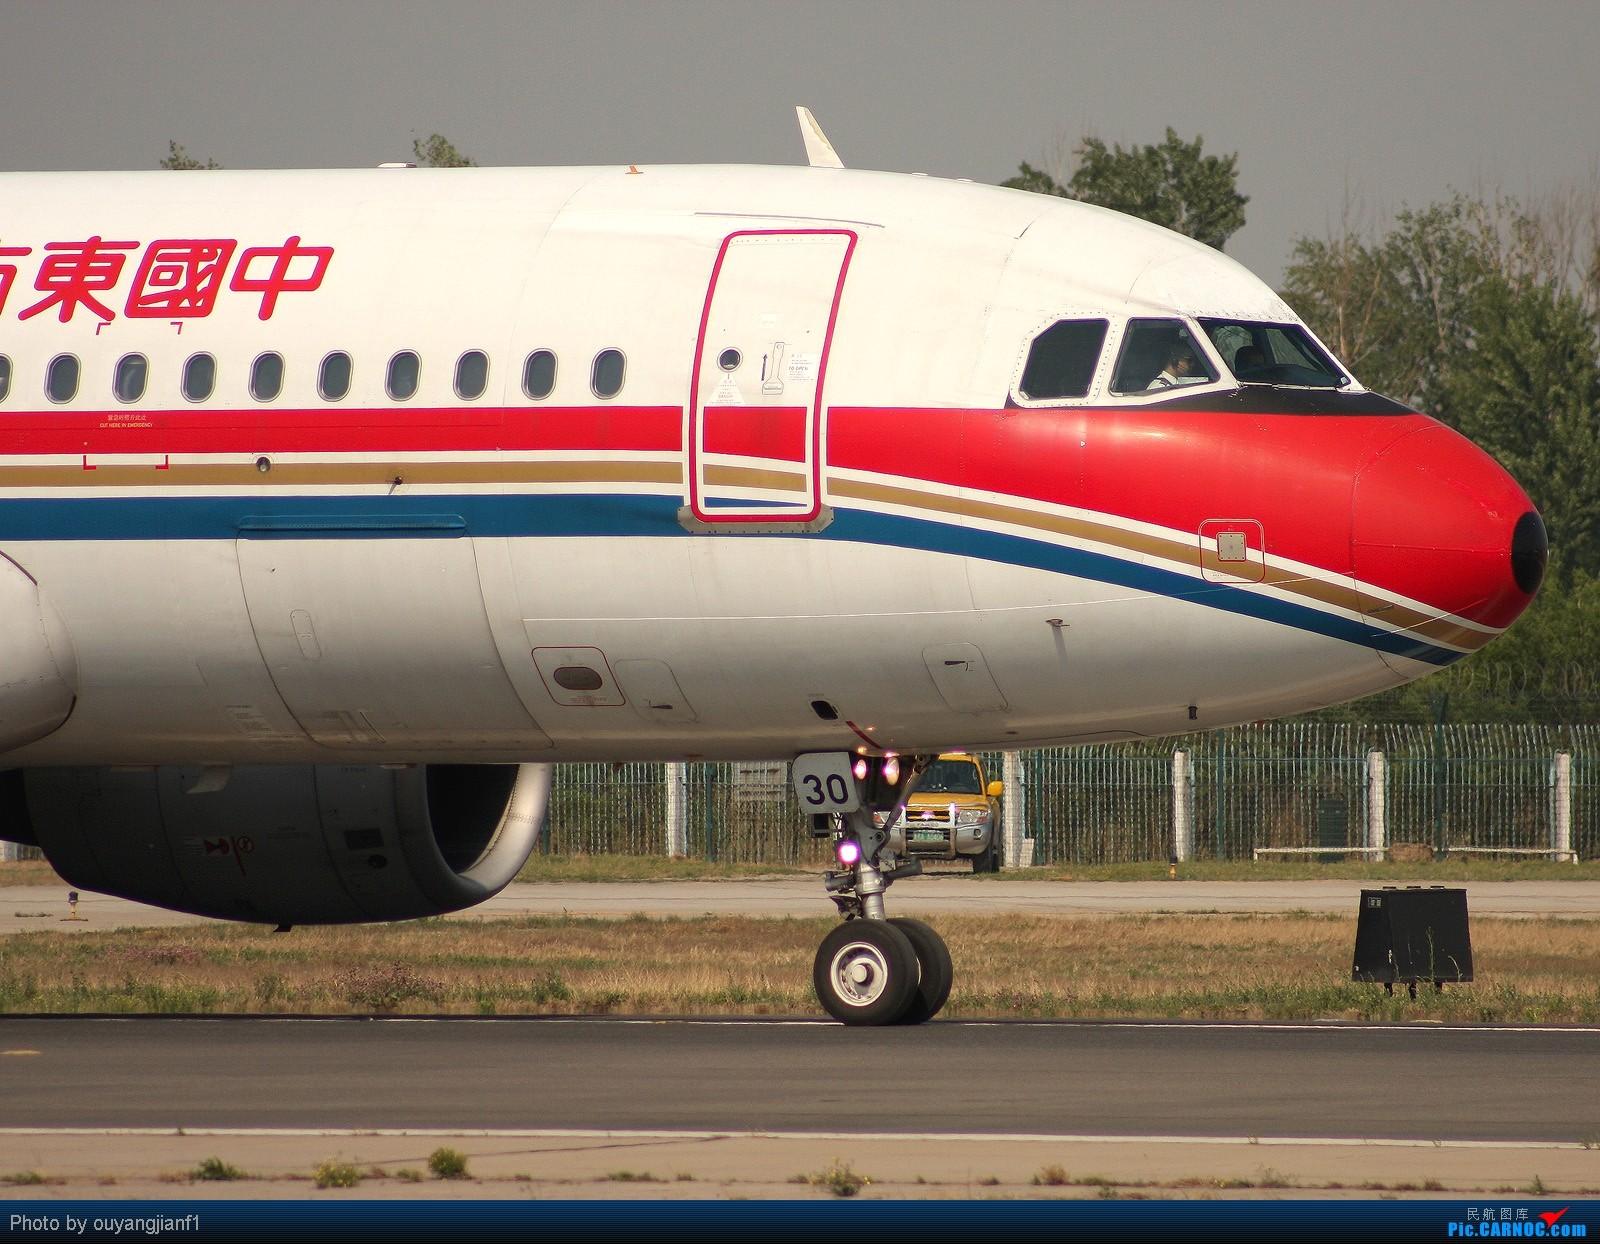 Re:[原创]快有一年没去西跑道了,拍机的感觉已逐渐淡忘,但是只要心中有梦,手中有单反,一切皆有可能! AIRBUS A320-200 B-6030 北京